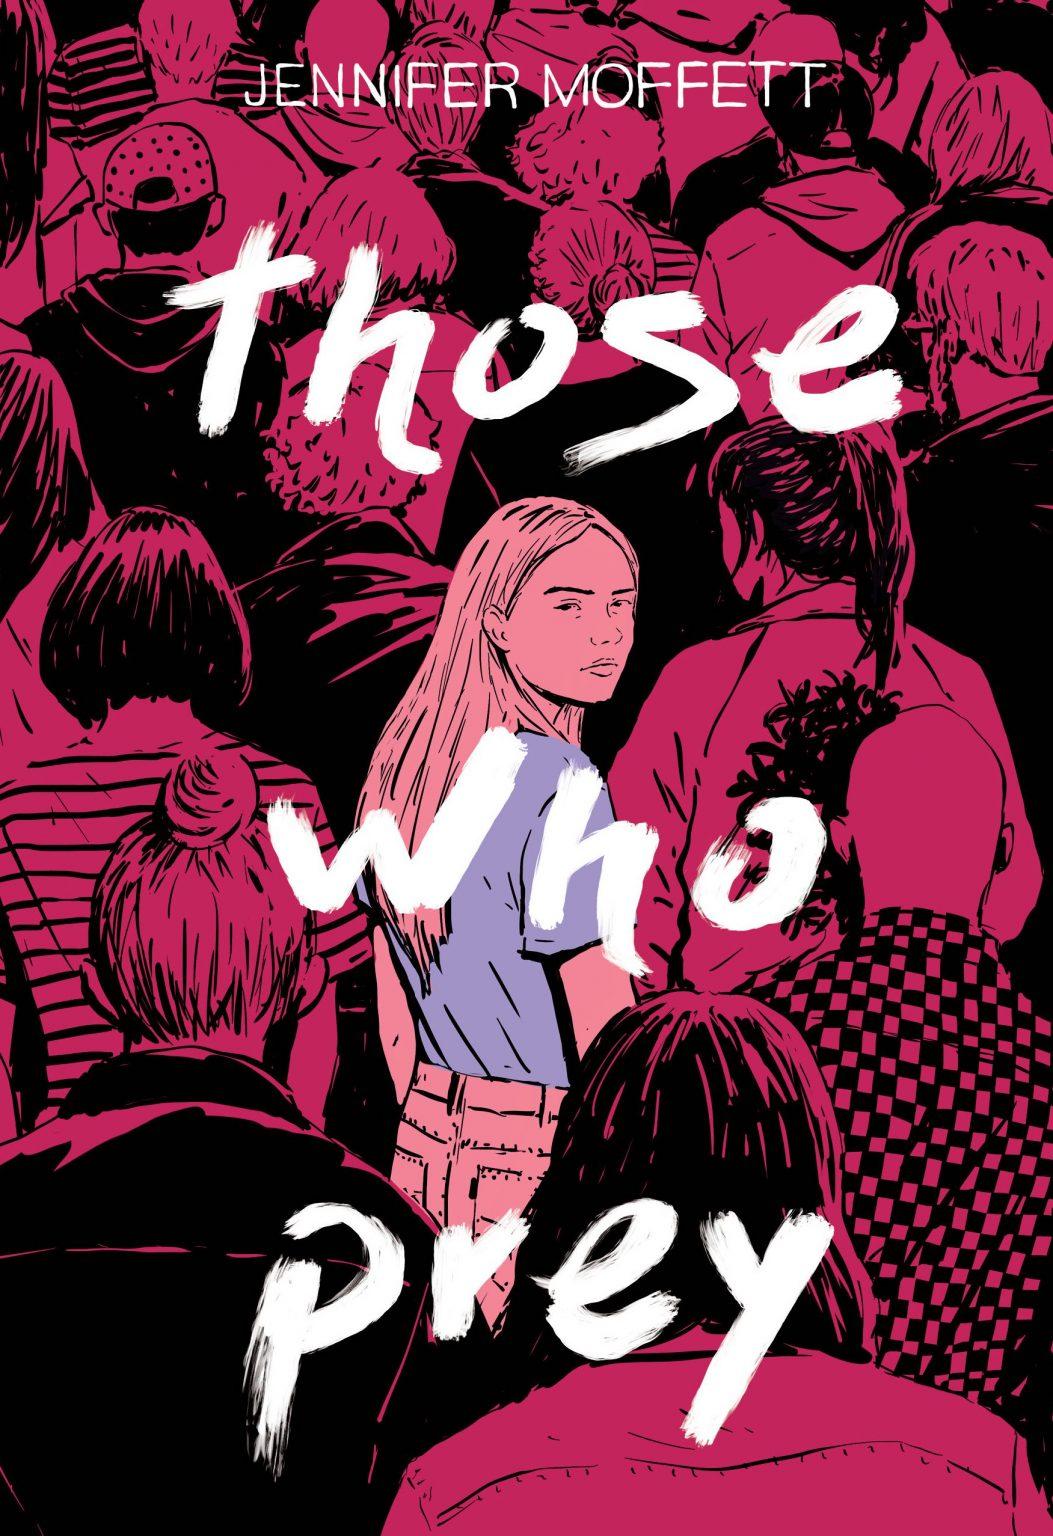 Those-Who-Prey-1053x1536.jpg